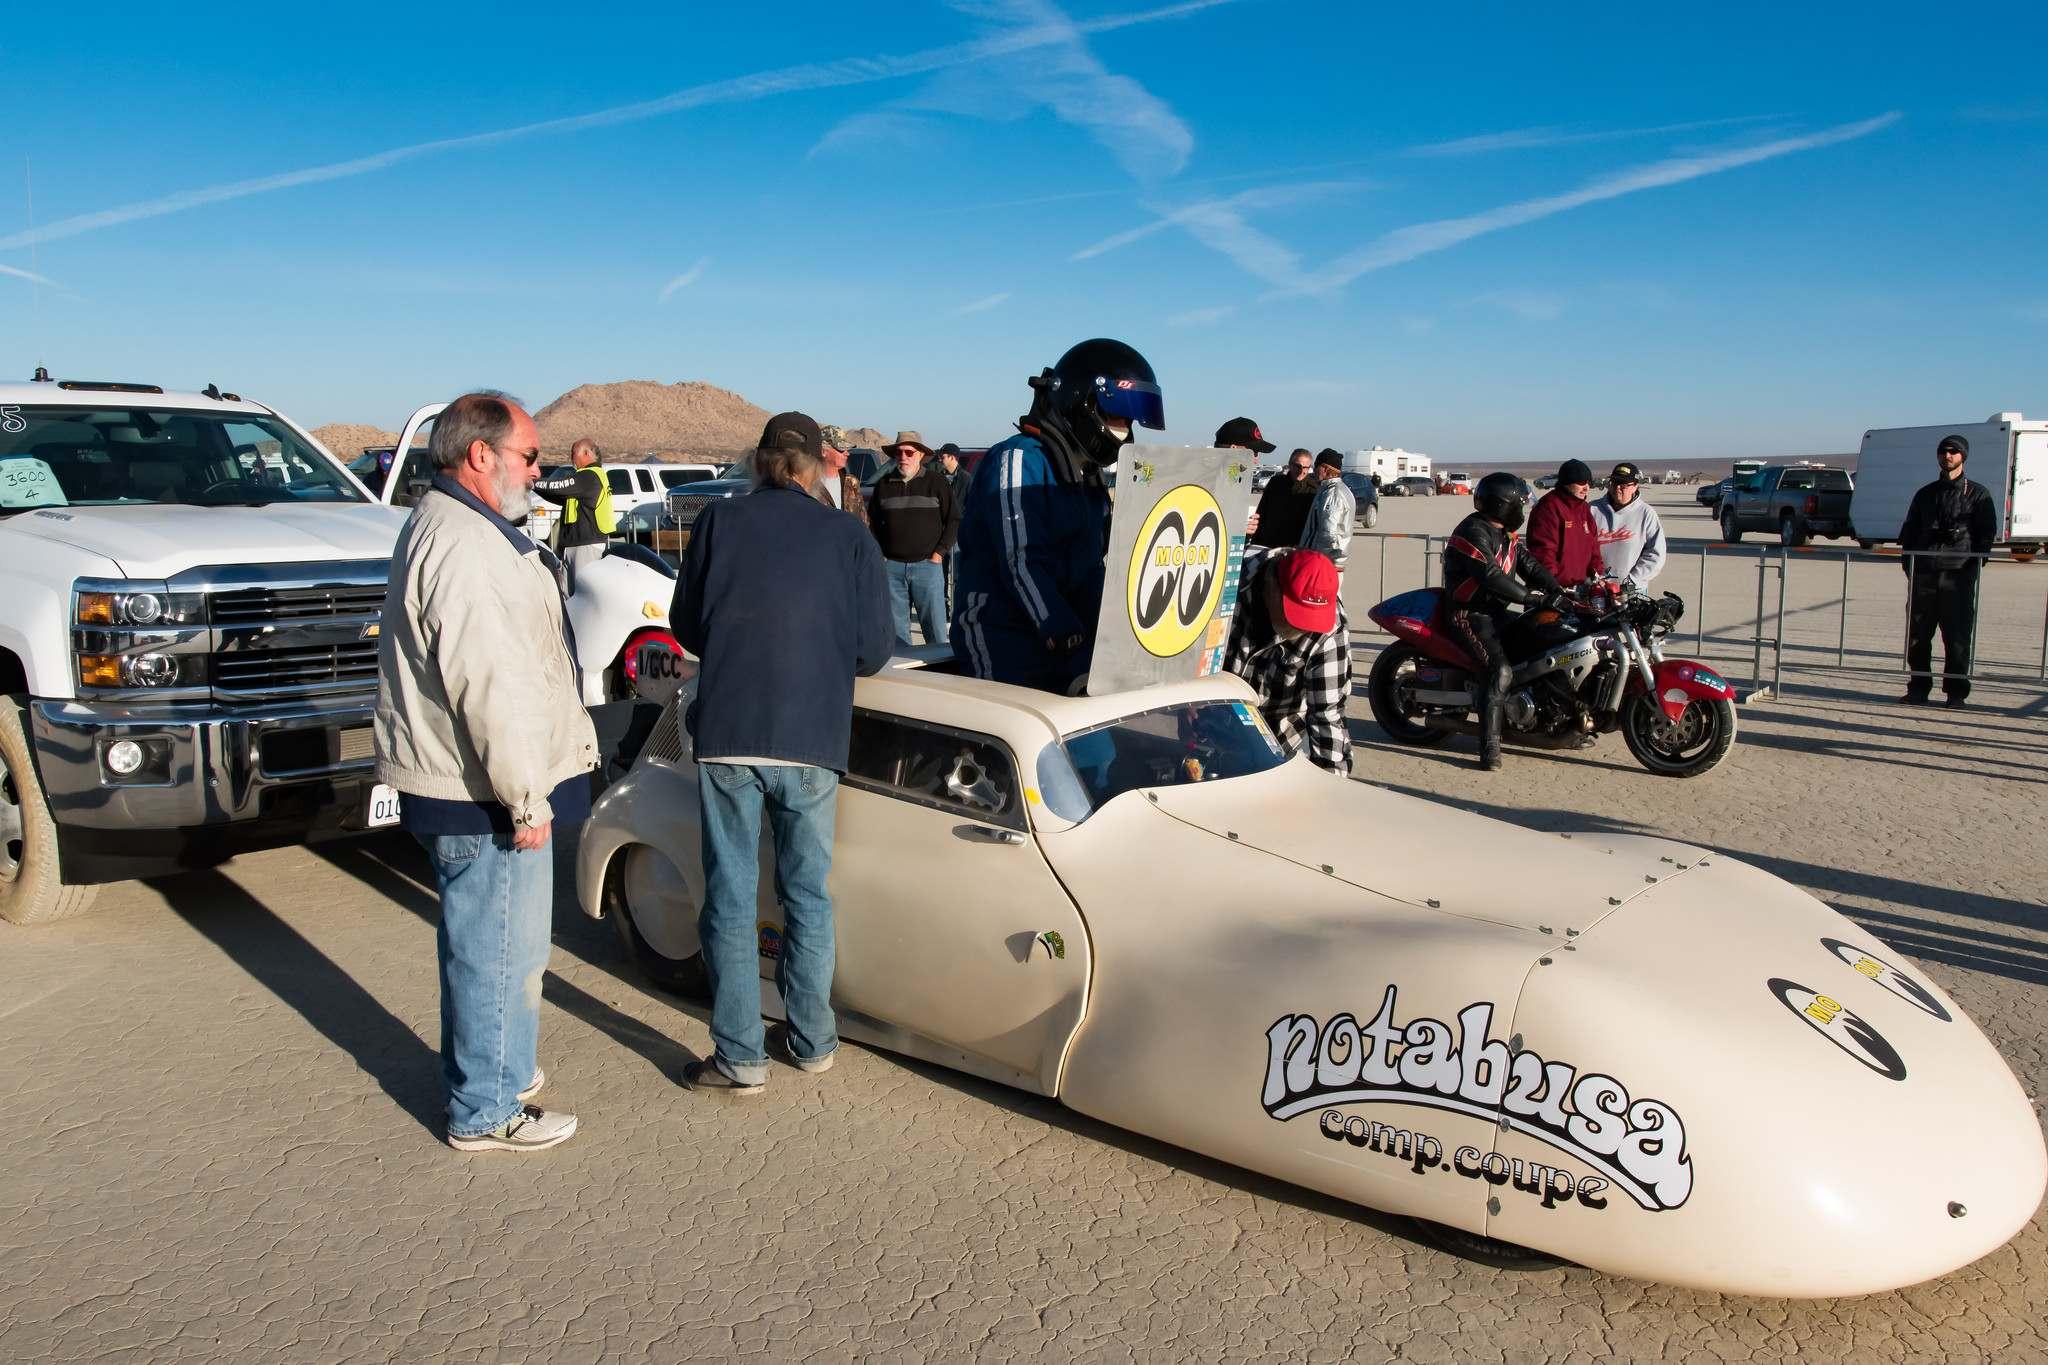 land speed racing7 Speed Racing at El Mirage Dry Lake